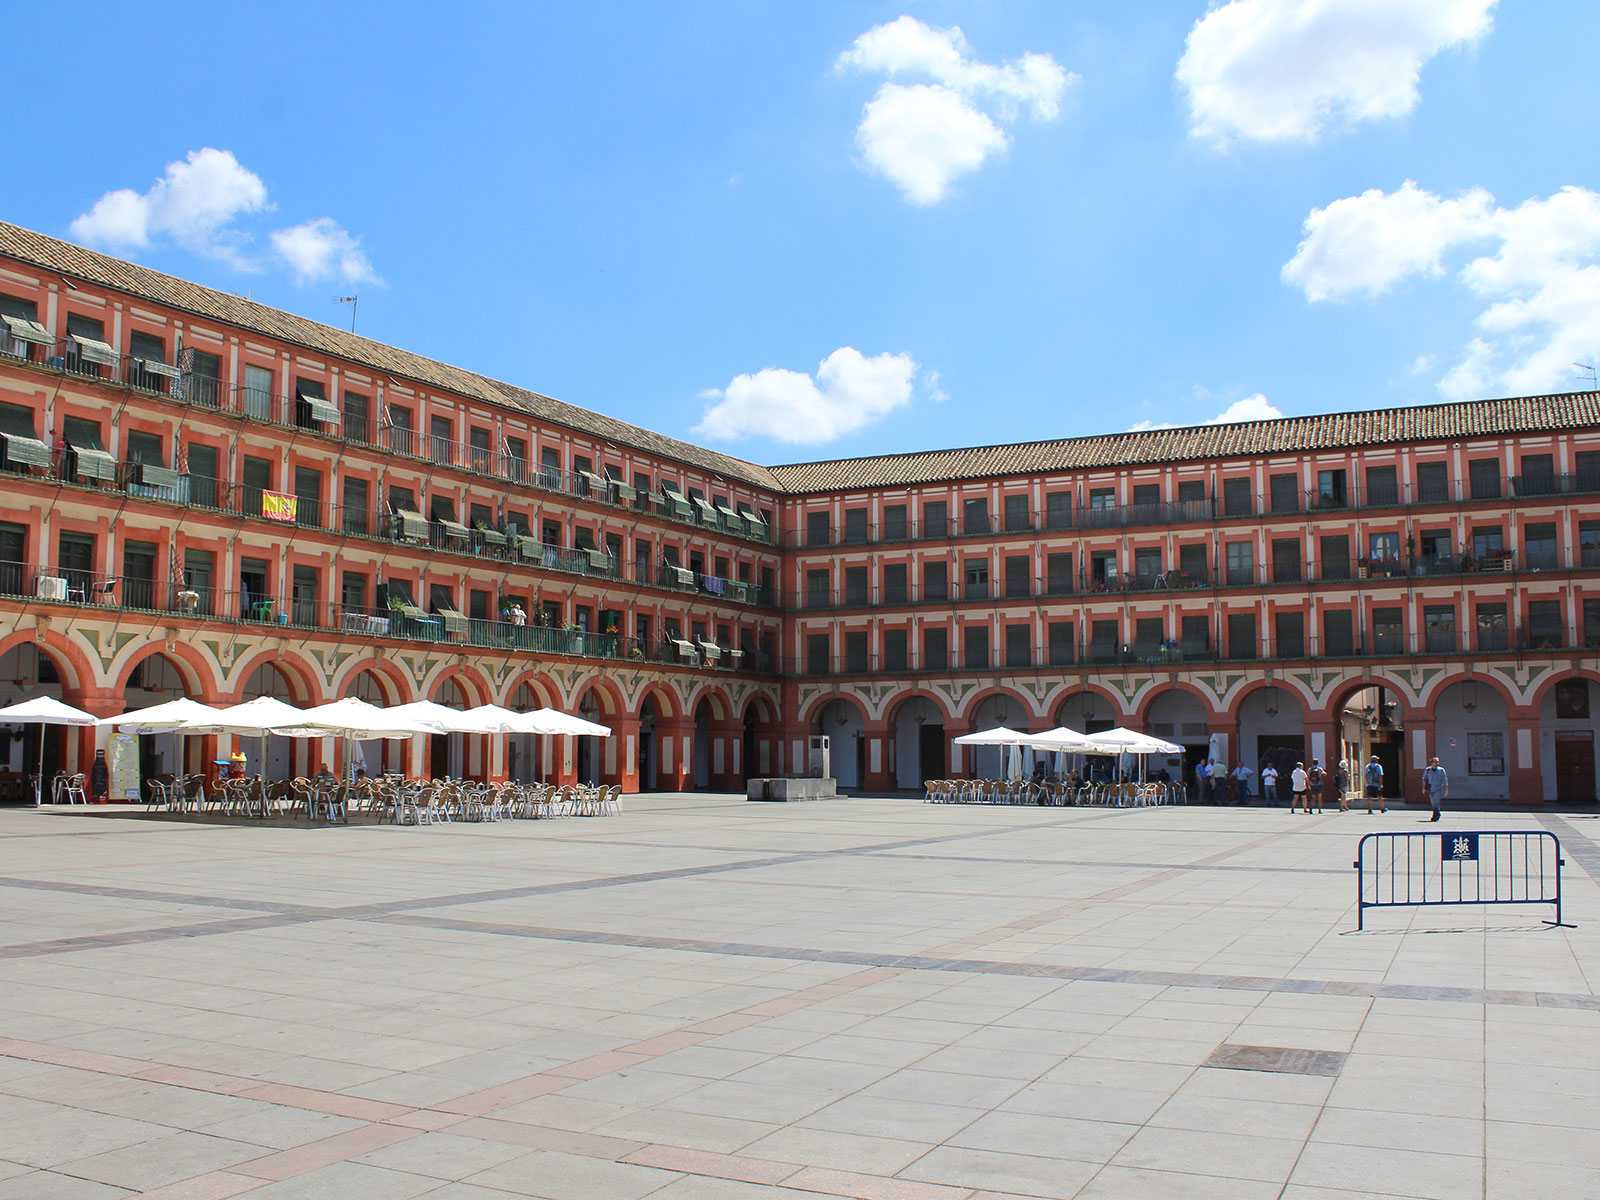 Qué ver en Córdoba, Plaza de la Corredera